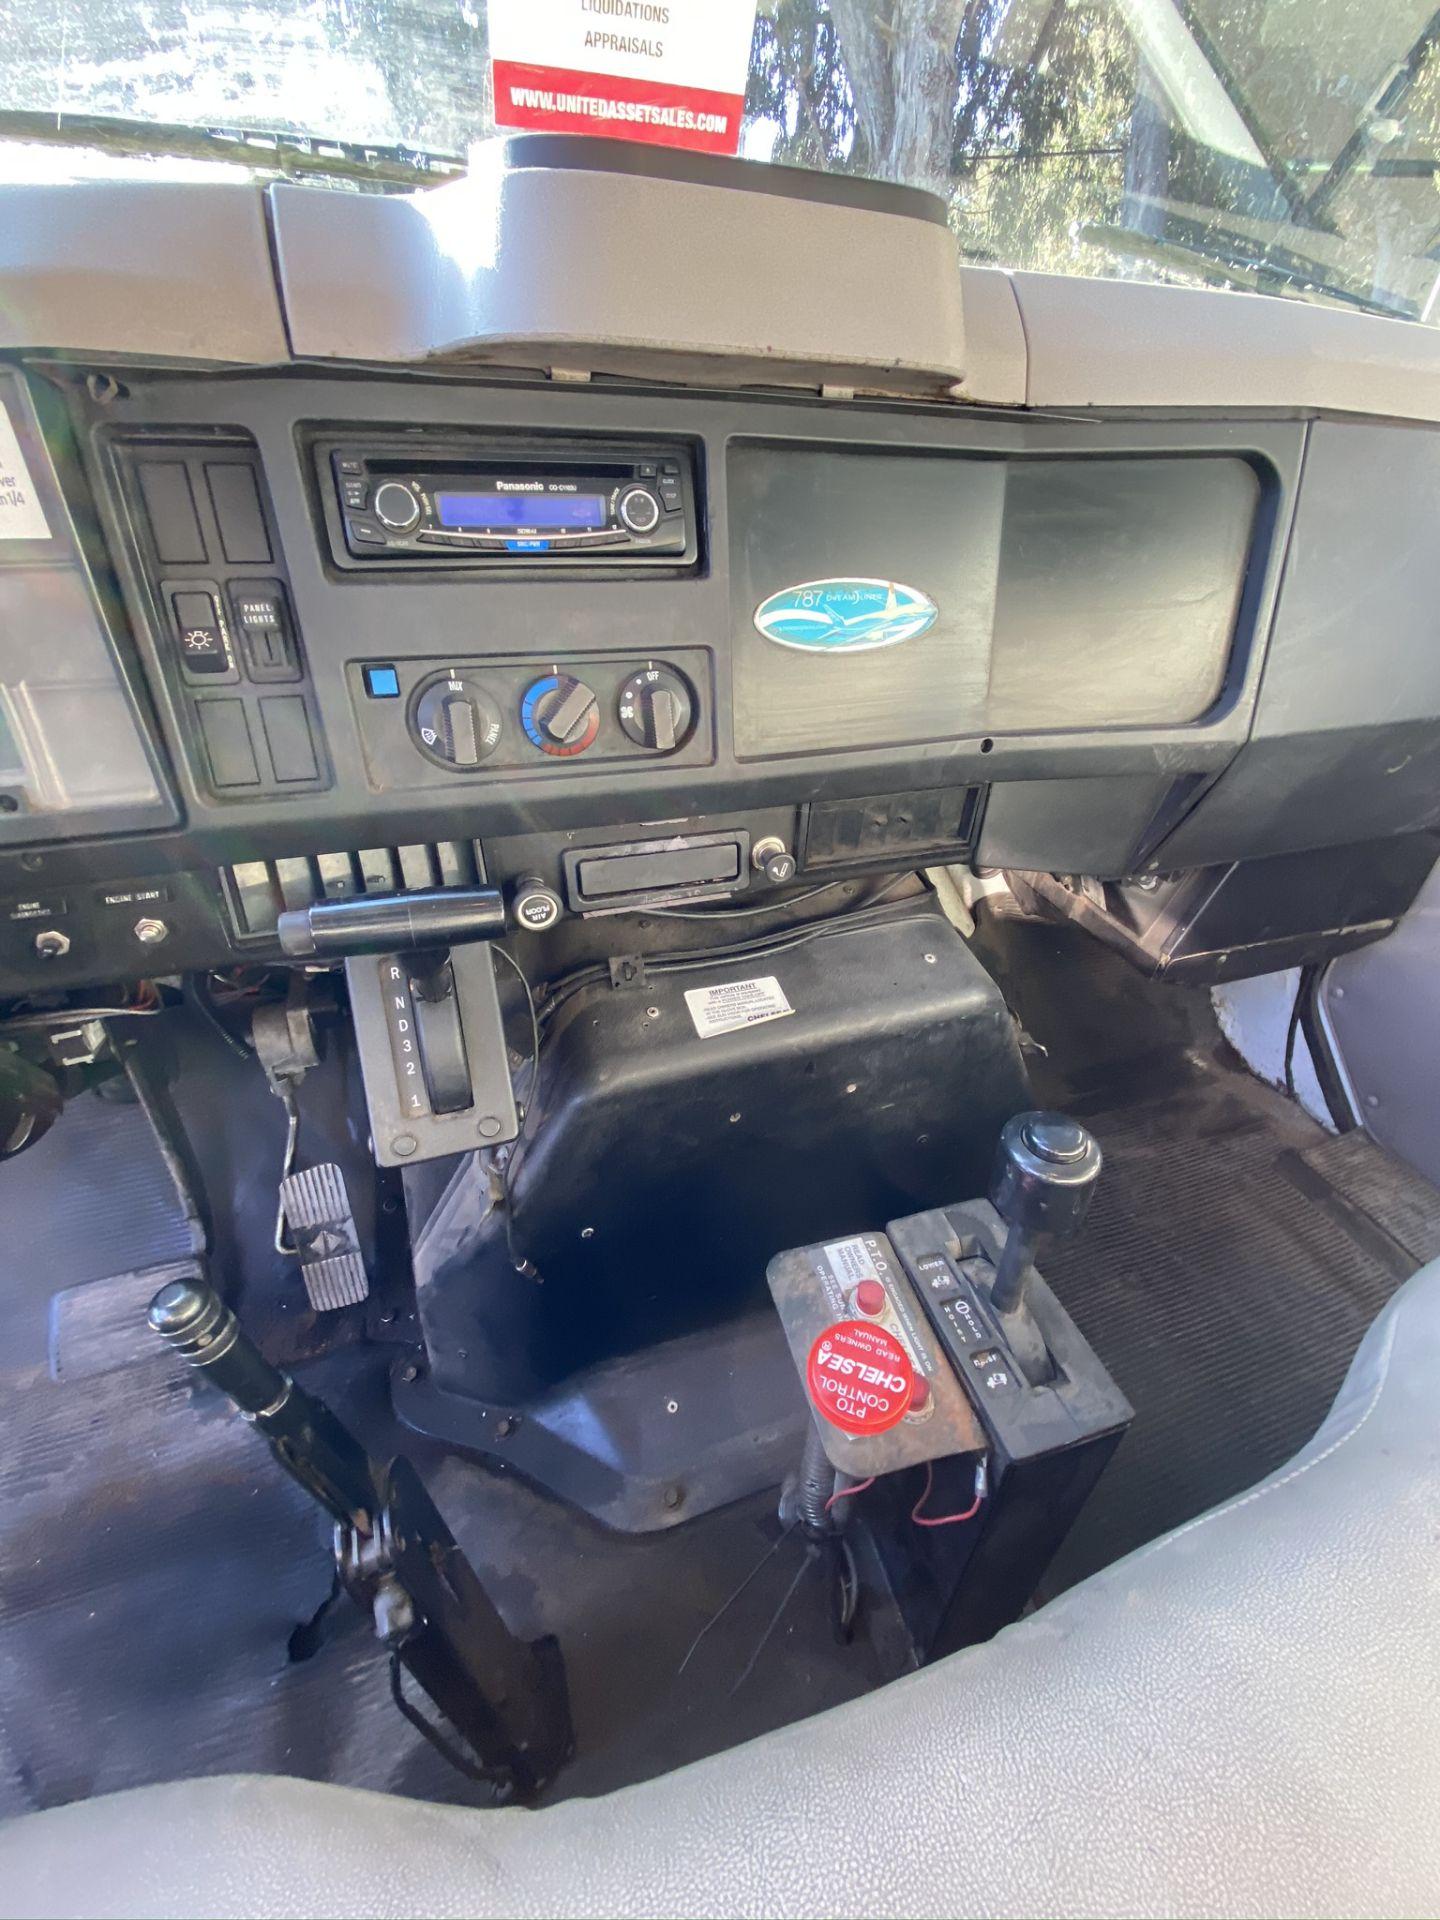 1999 INTERNATIONAL 4700 MODEL DT466E DUMP TRUCK, ODOMETER 231,465 MILES, VIN: 1HTSCAAM4XH687456 - Image 10 of 13